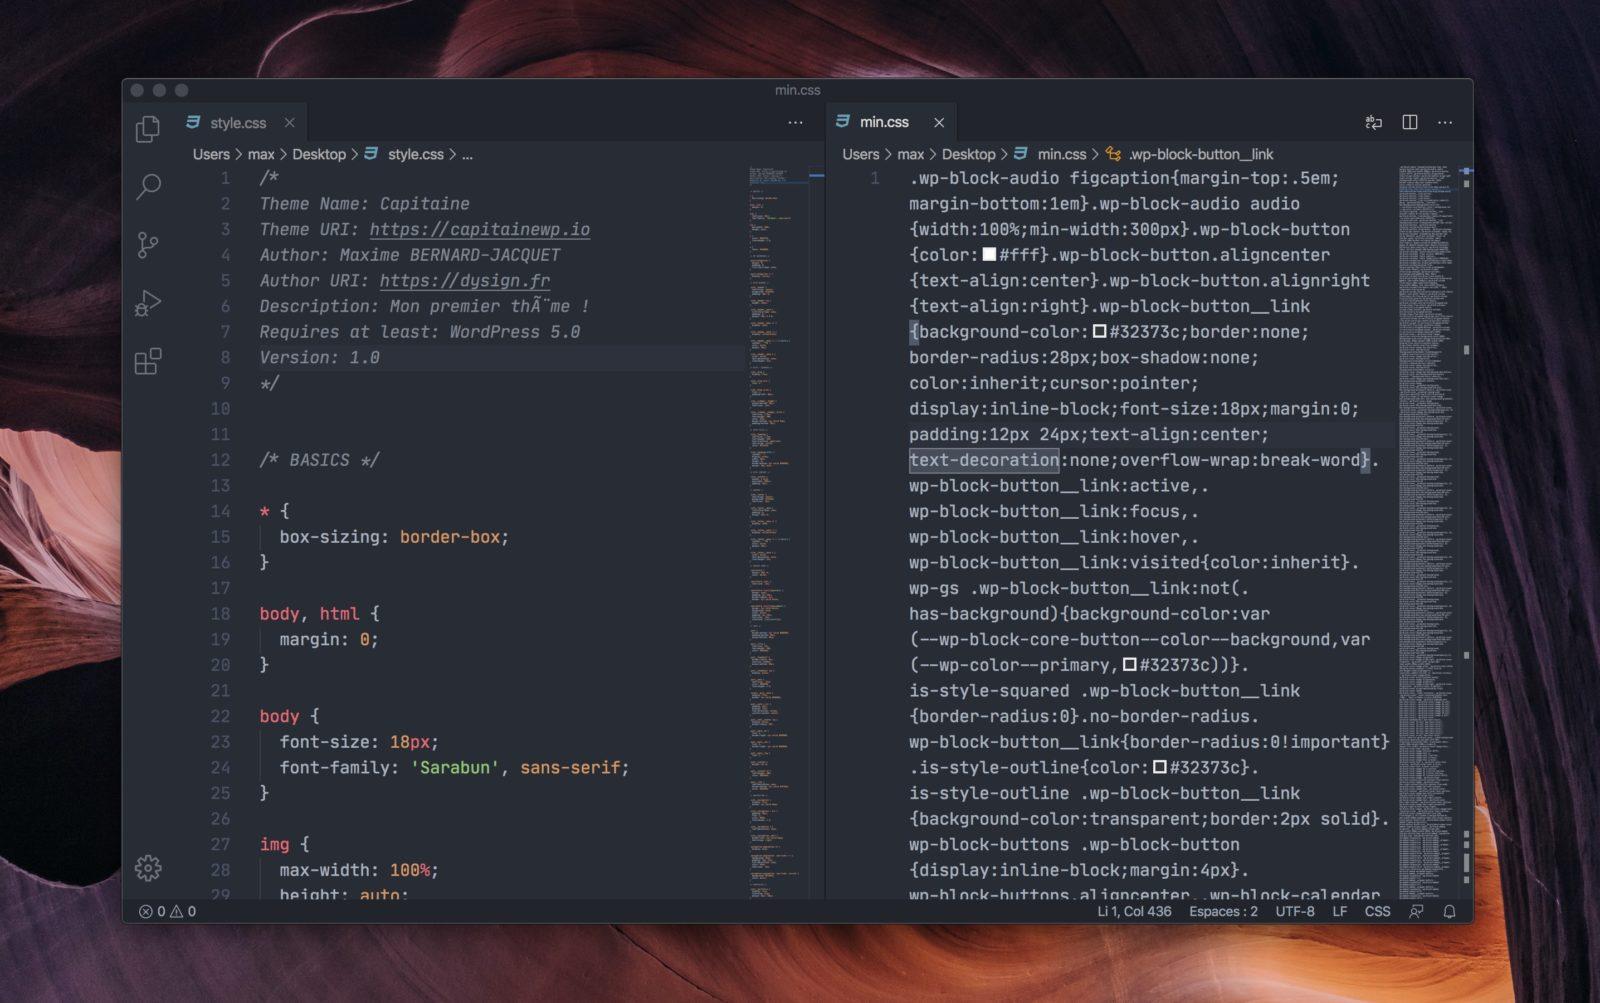 Capture d'écran du fichier CSS avant et après la minification